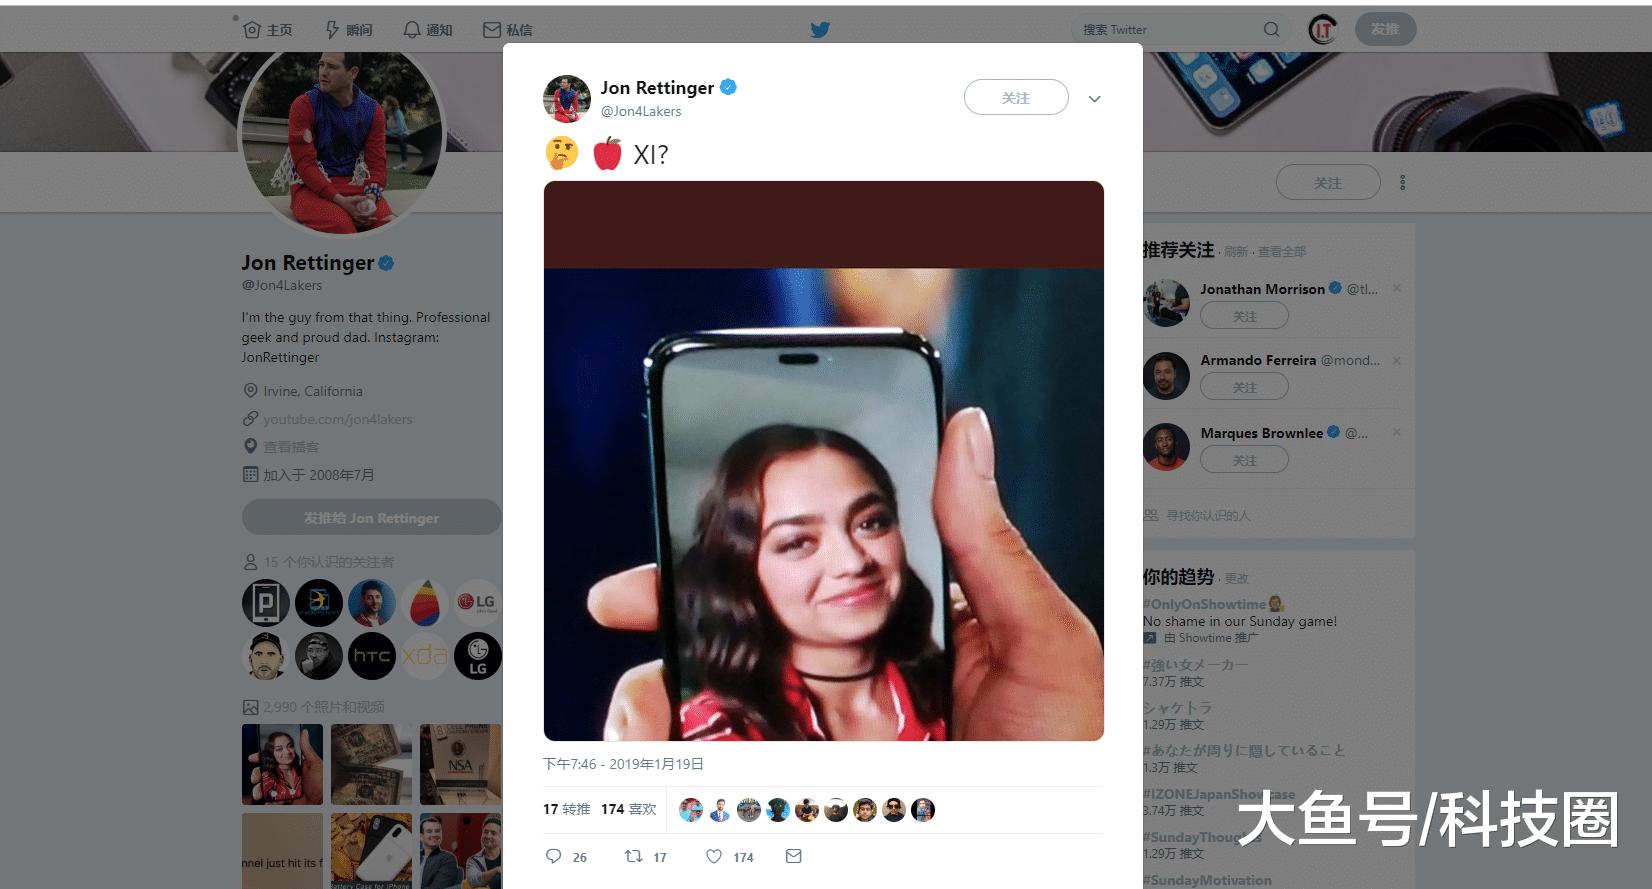 2019新iPhone疑似上手, 外观大改刘海没了但并不好看